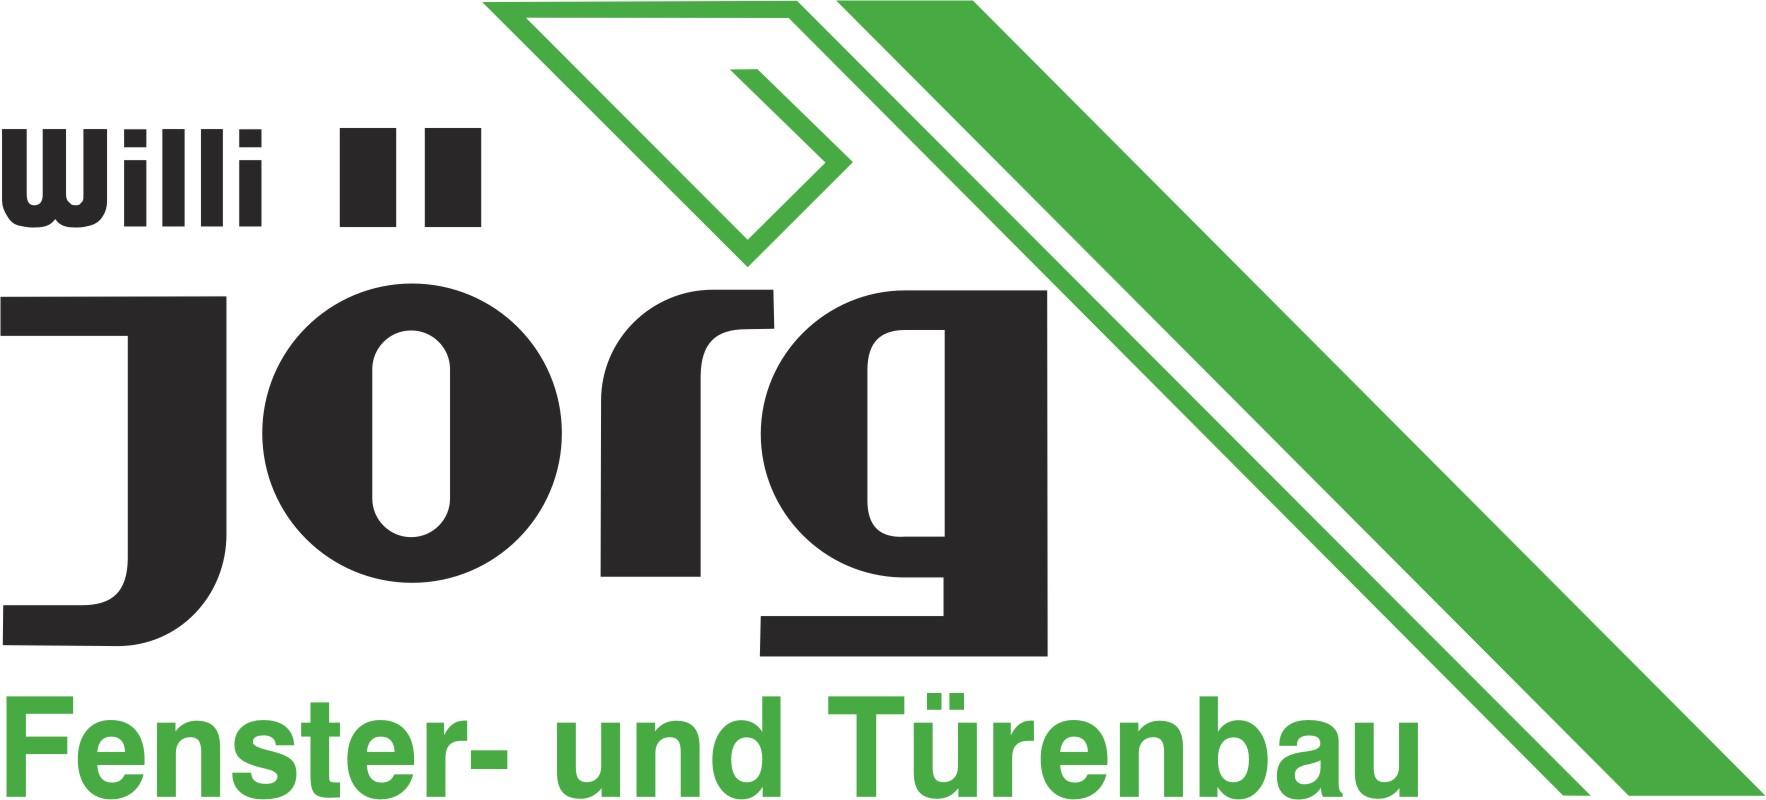 Fenster Jörg Logo